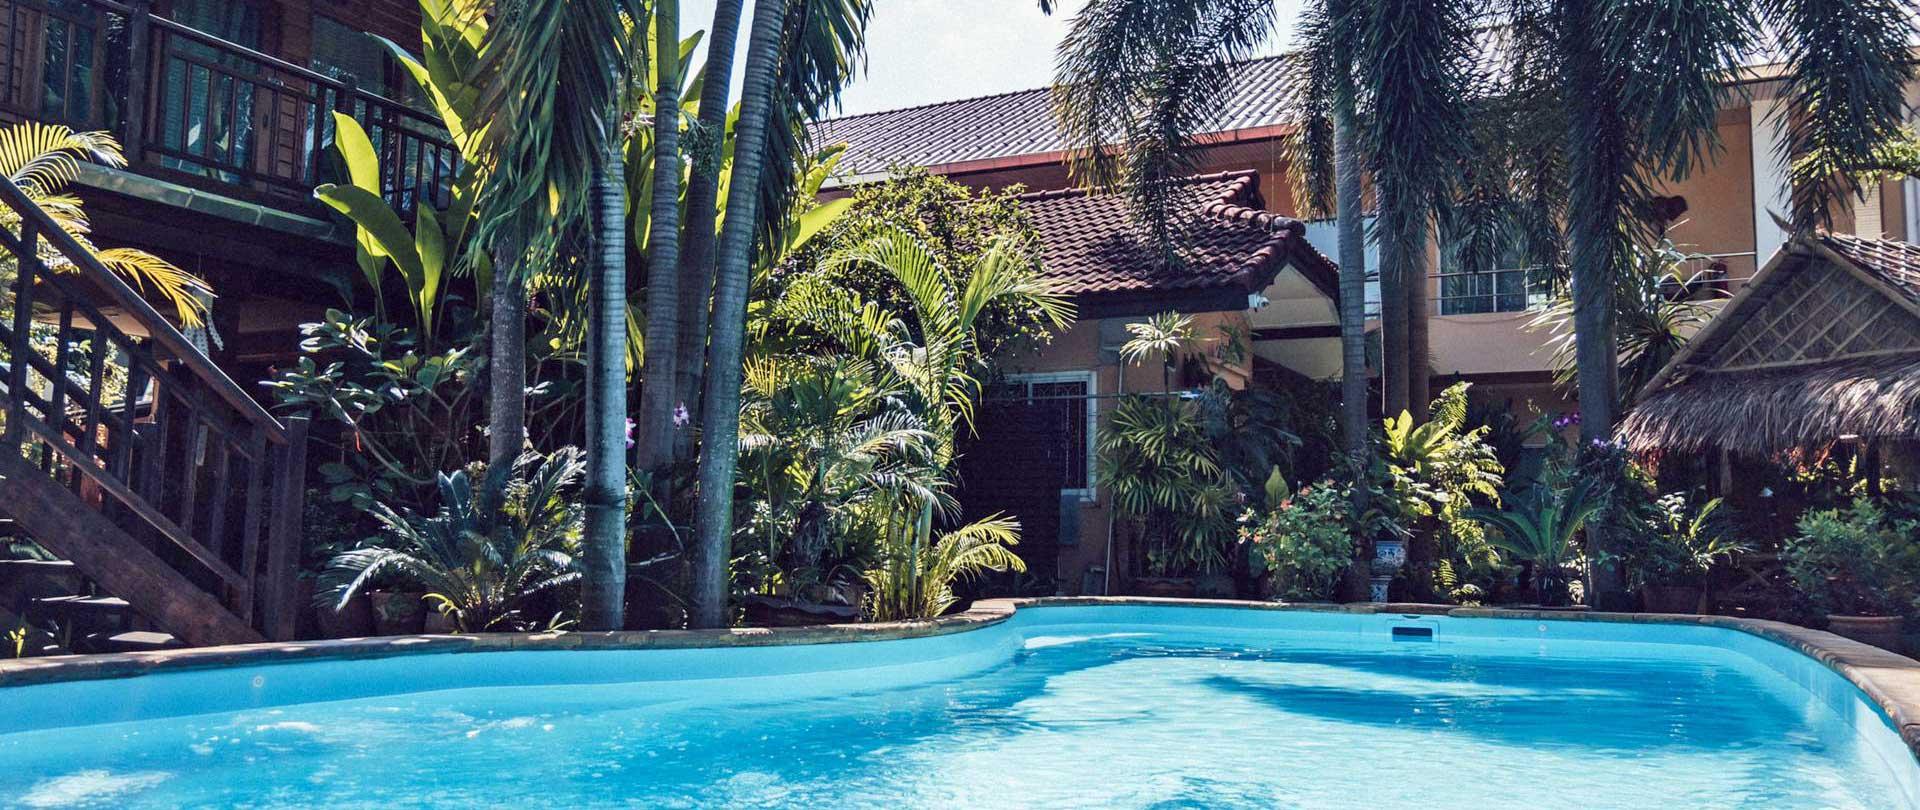 Home-slider-zwembad-1.jpg